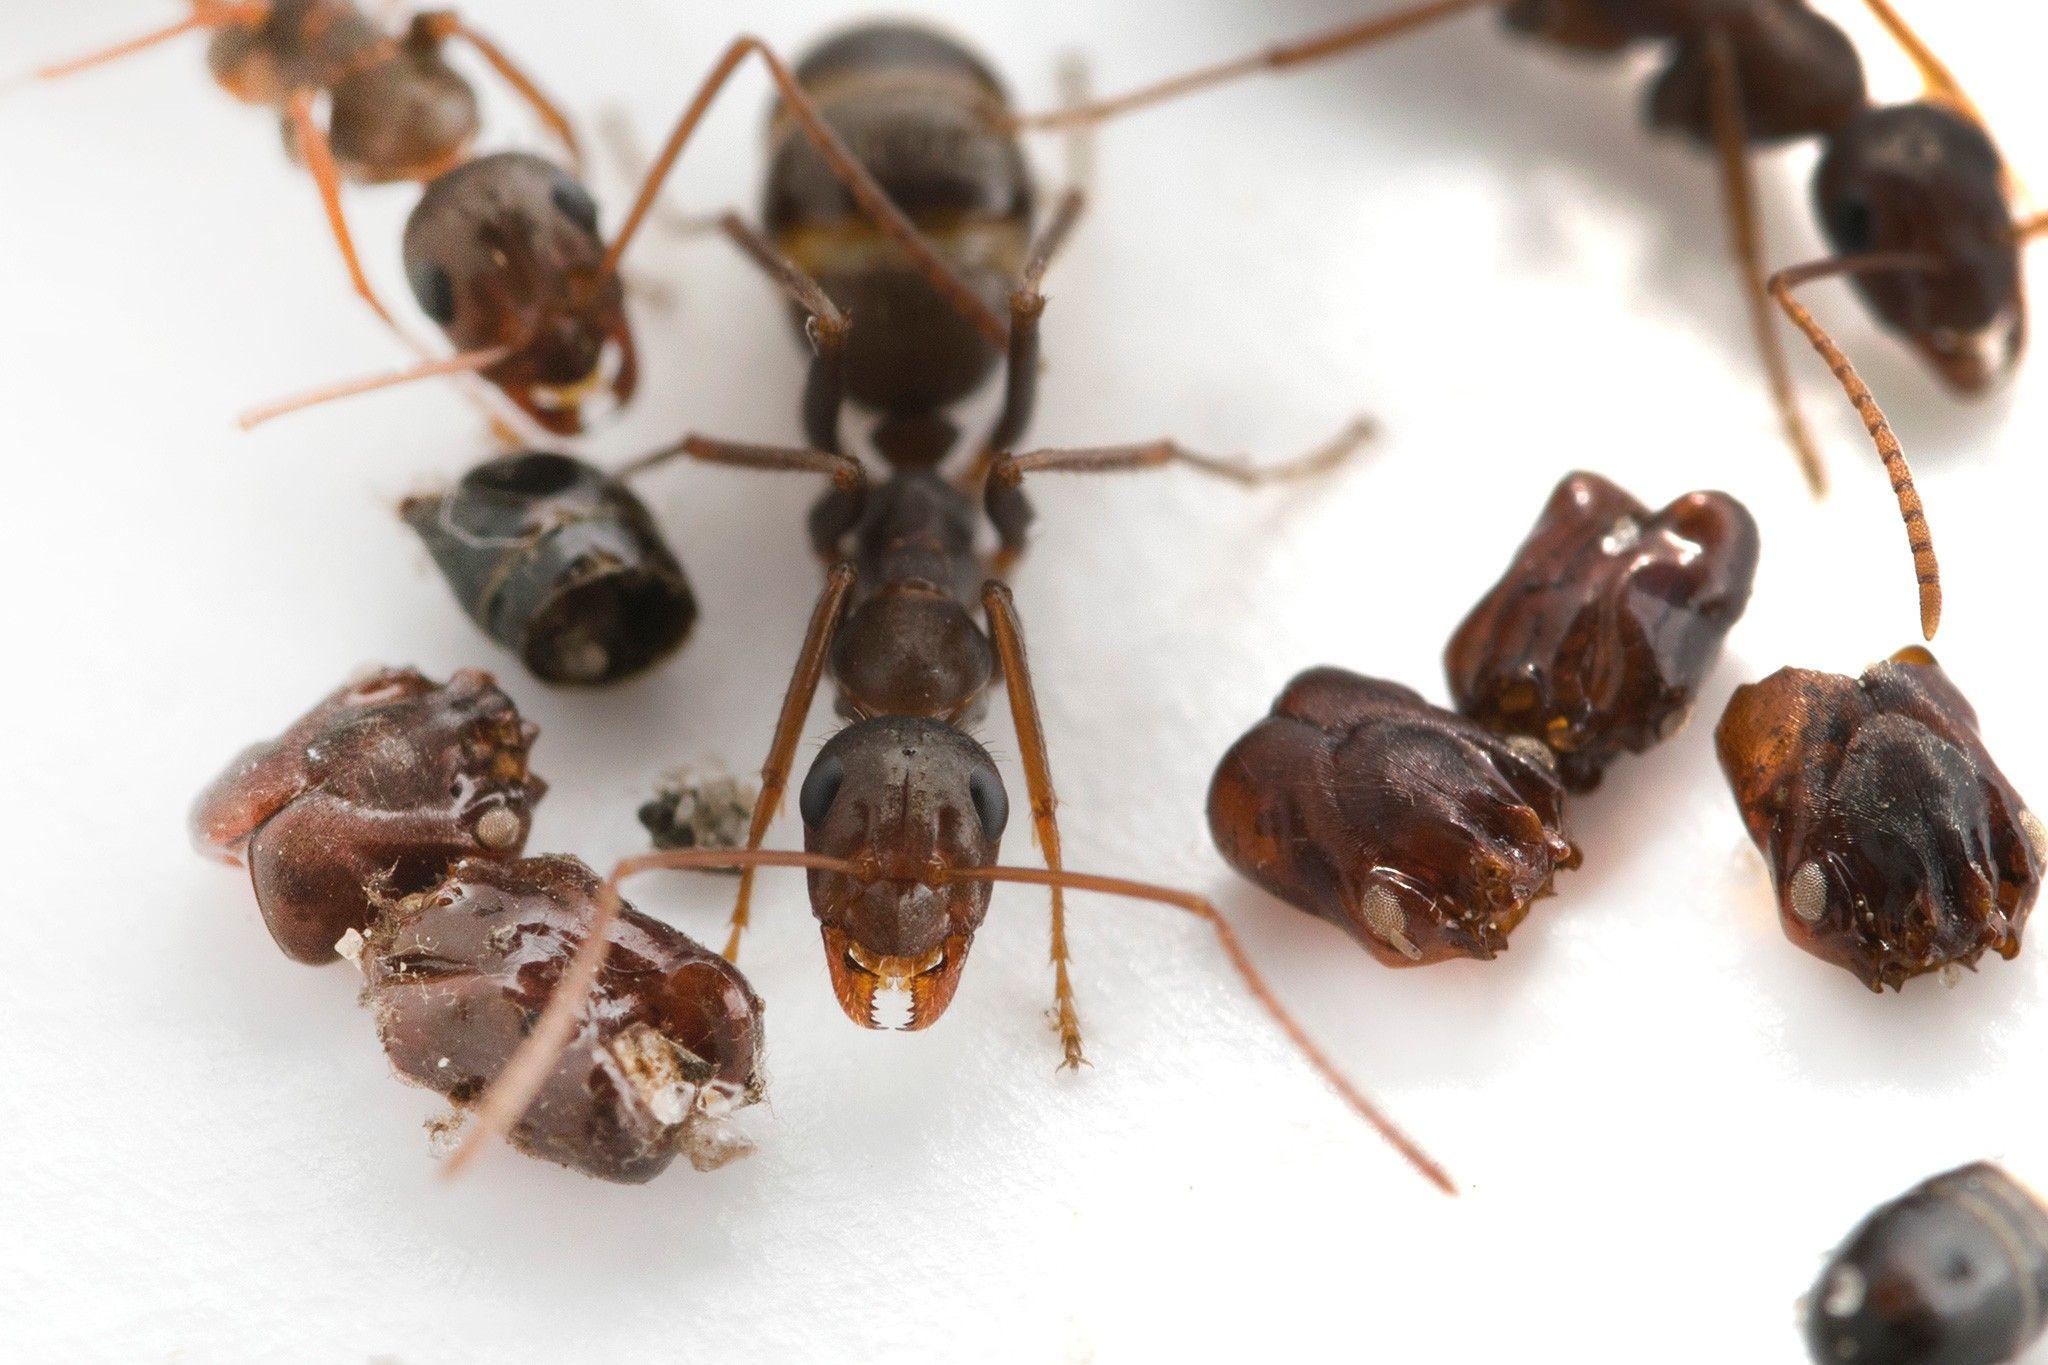 Diese Ameisen schmücken ihr Zuhause mit den Köpfen ihrer Feinde | National Geographic